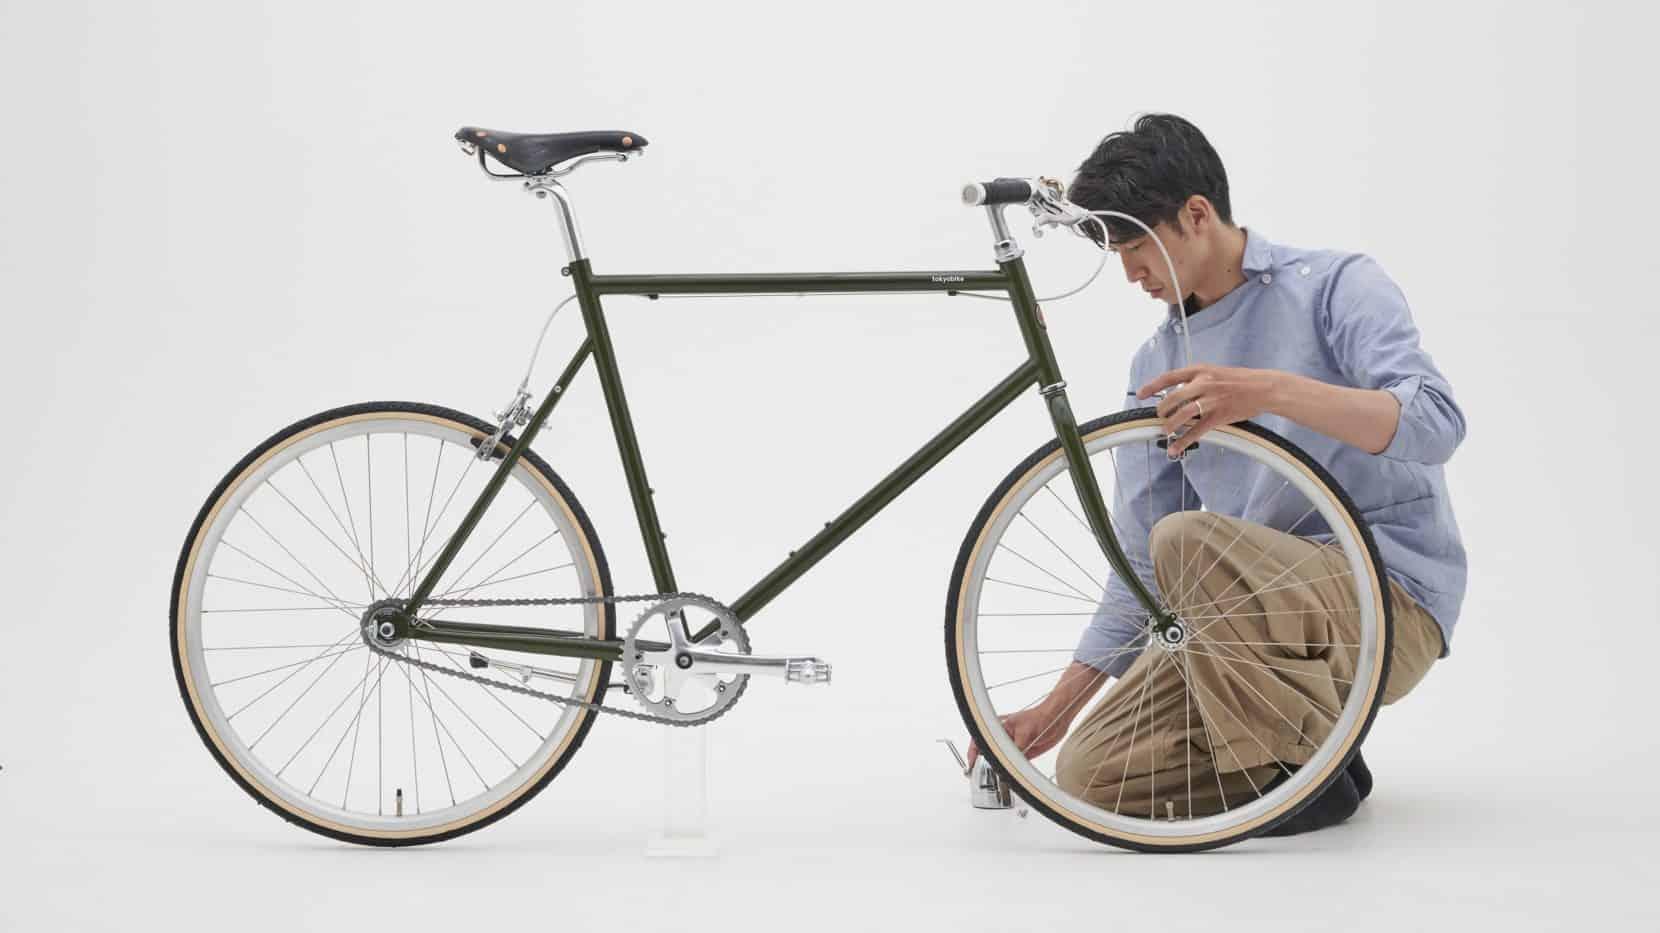 世界に一台、あなただけの自転車を作りましょう。TOKYOBIKE MONOをベースに、映画に出てくるようなクラシカルなカスタマイズを施しました。